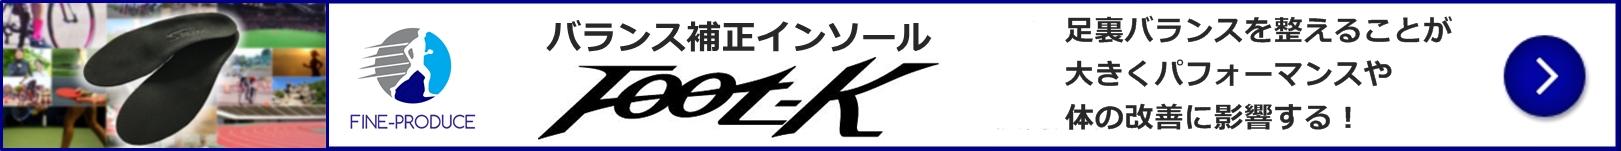 バランス補正インソールFoot-K